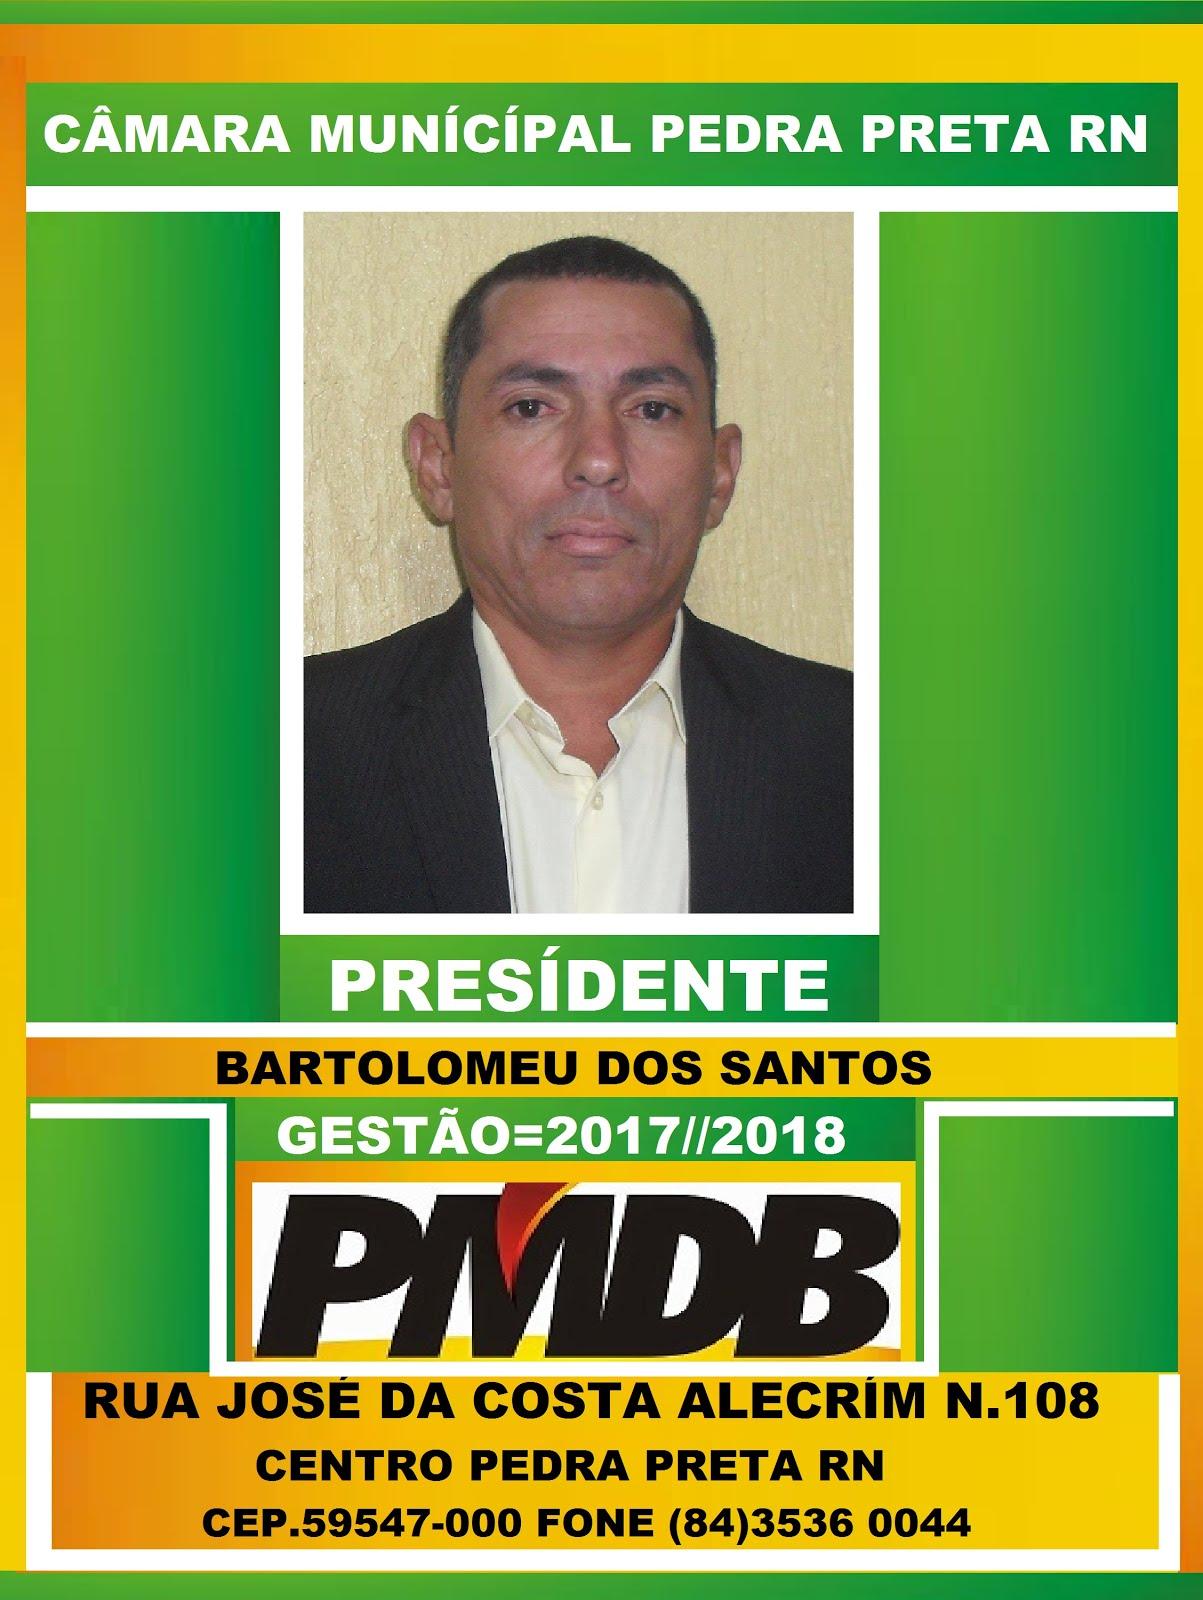 VEREADOR BARTOLOMEU DOS SANTOS PEDRA PRETA RN